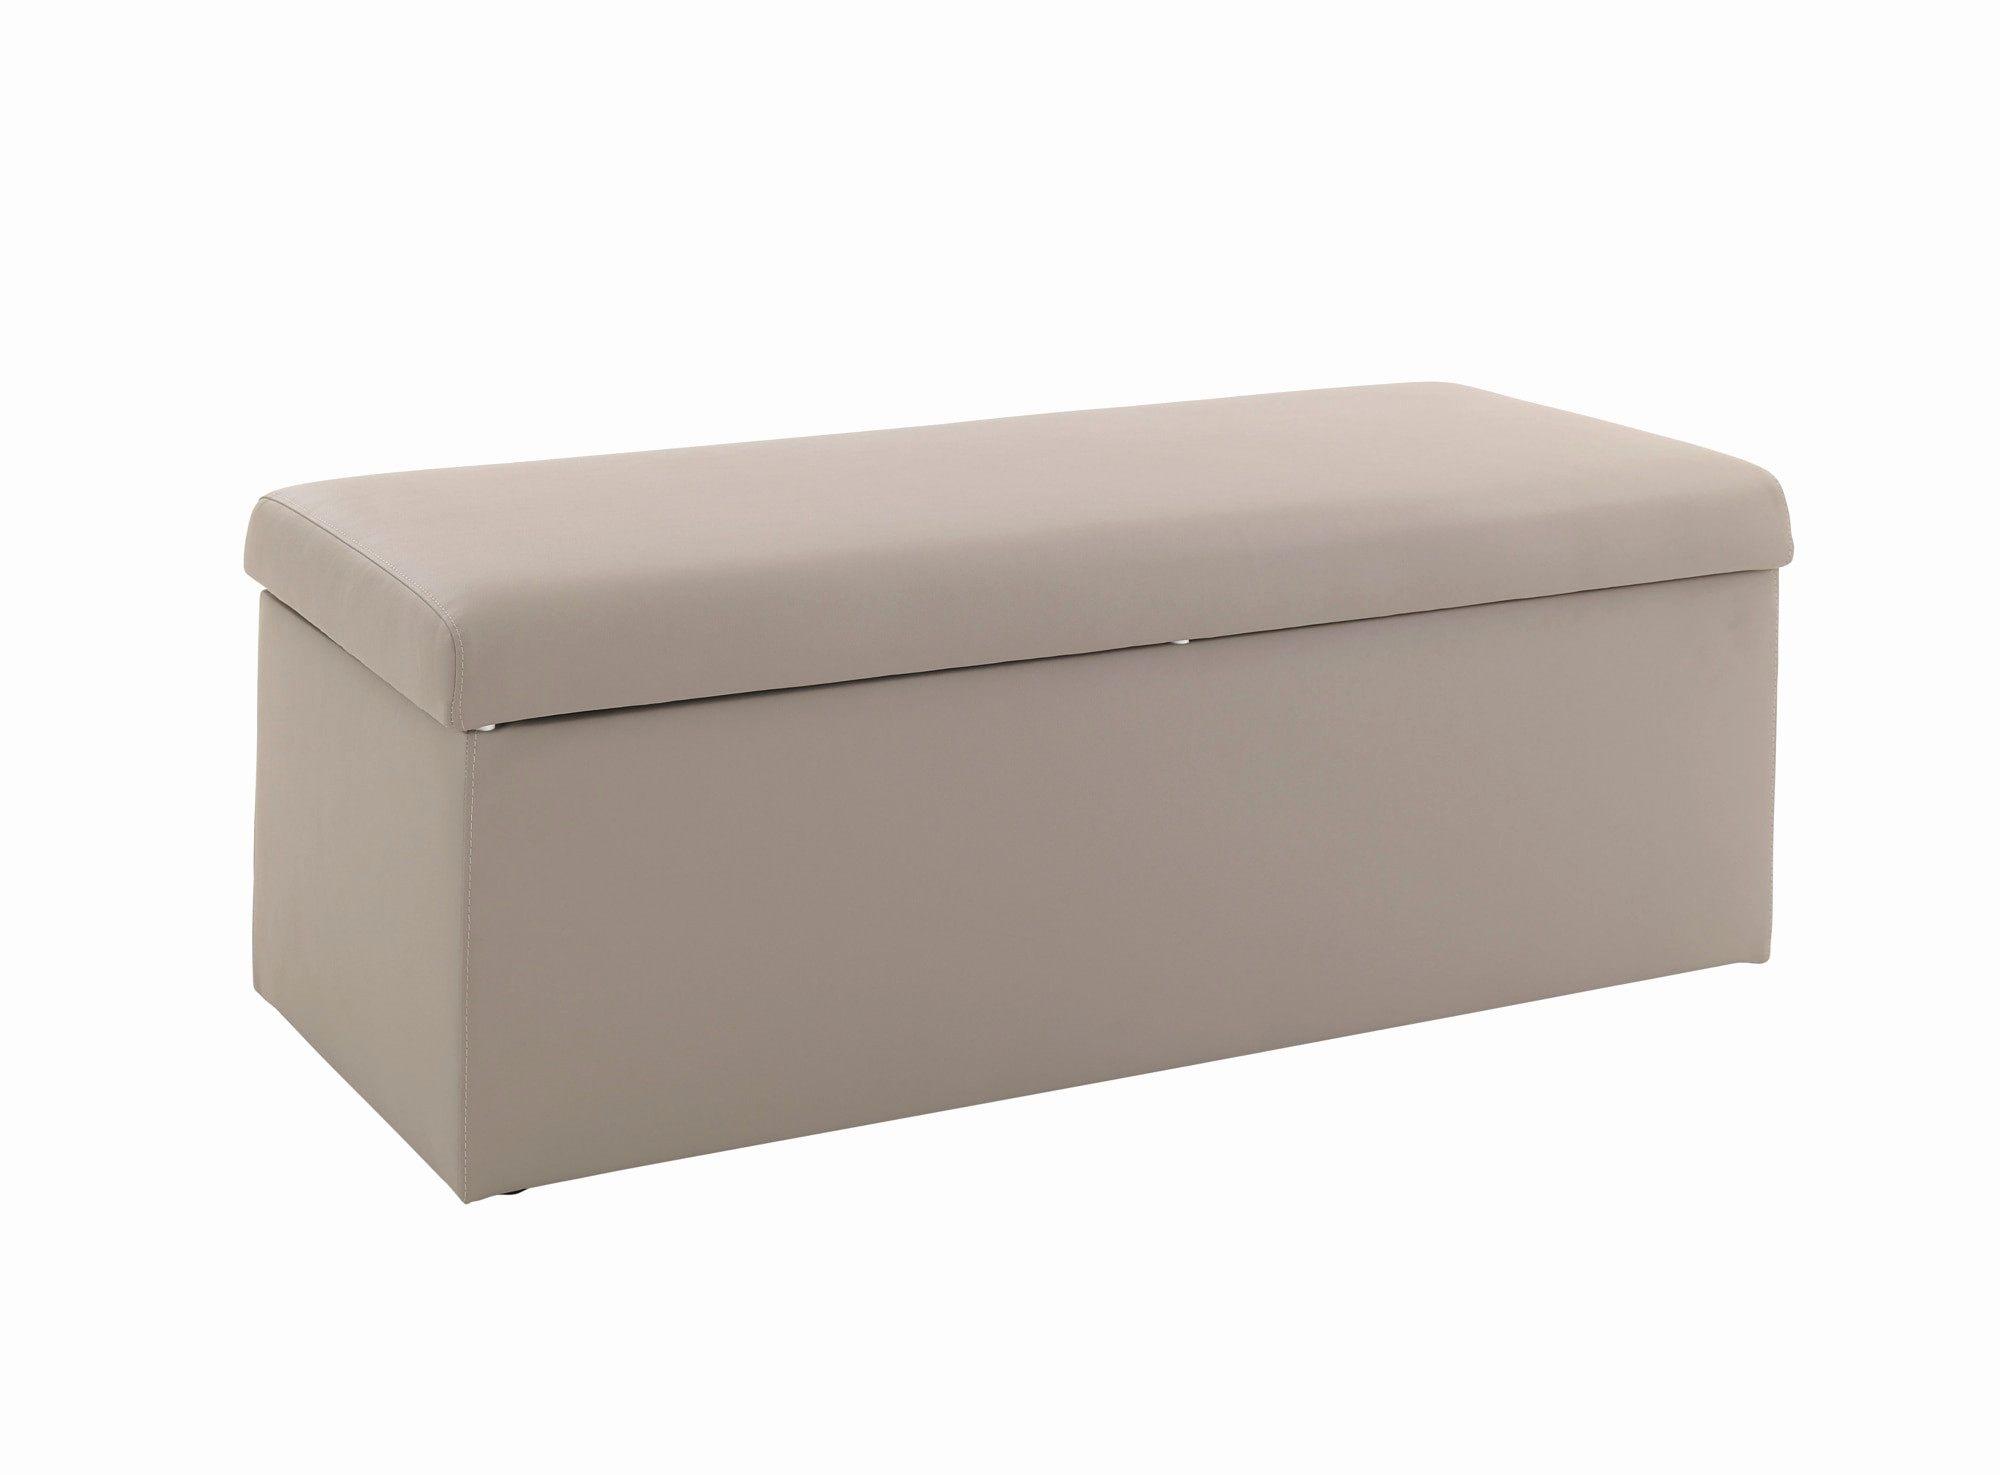 Ikea Lit Coffre Fraîche Banc Bout De Lit Coffre Frais Meuble Bout De Lit Coffre De Chambre